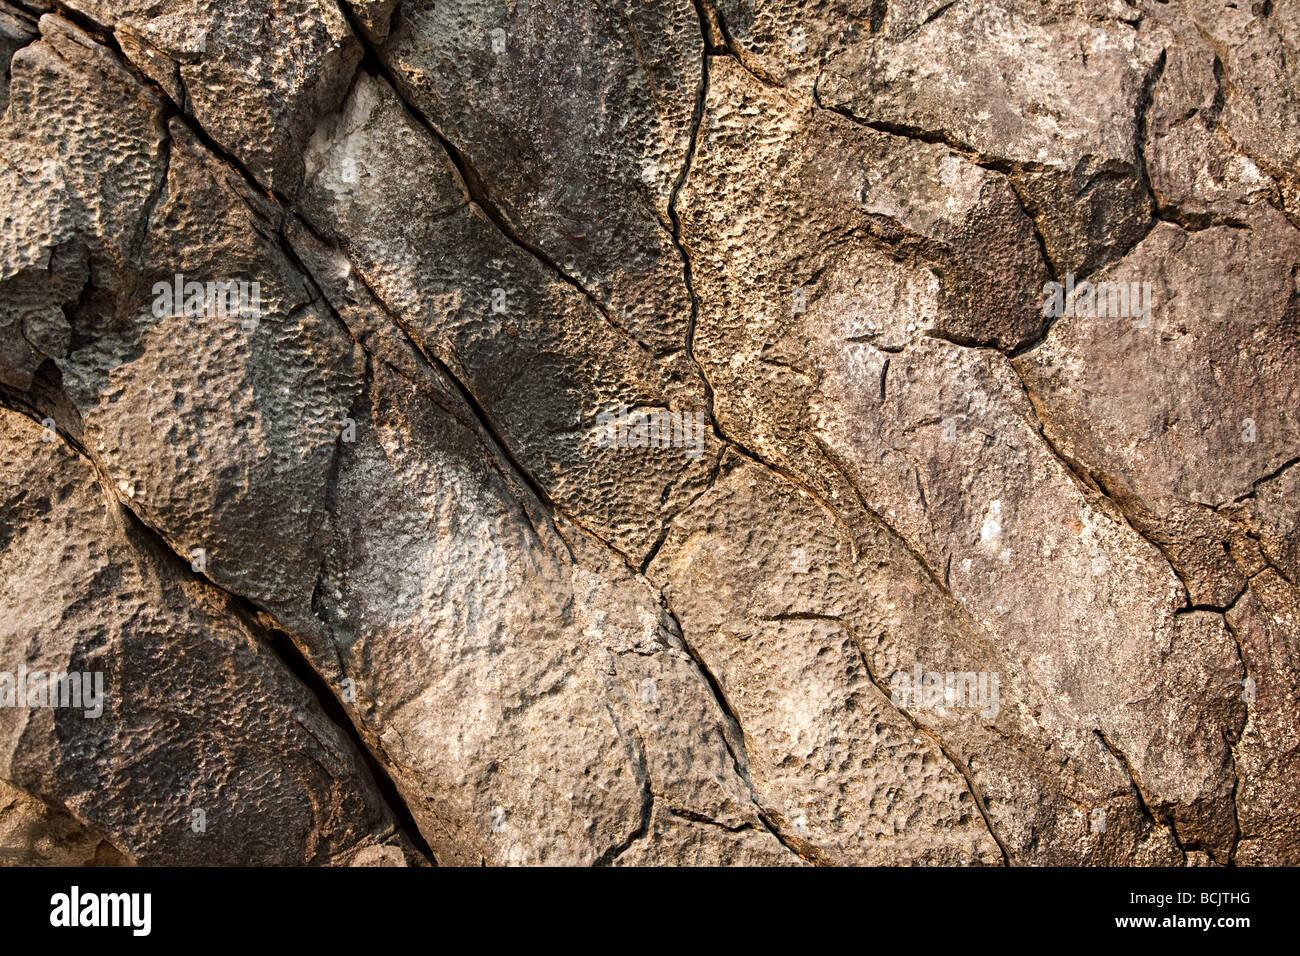 Close up image of cracked rocks - Stock Image